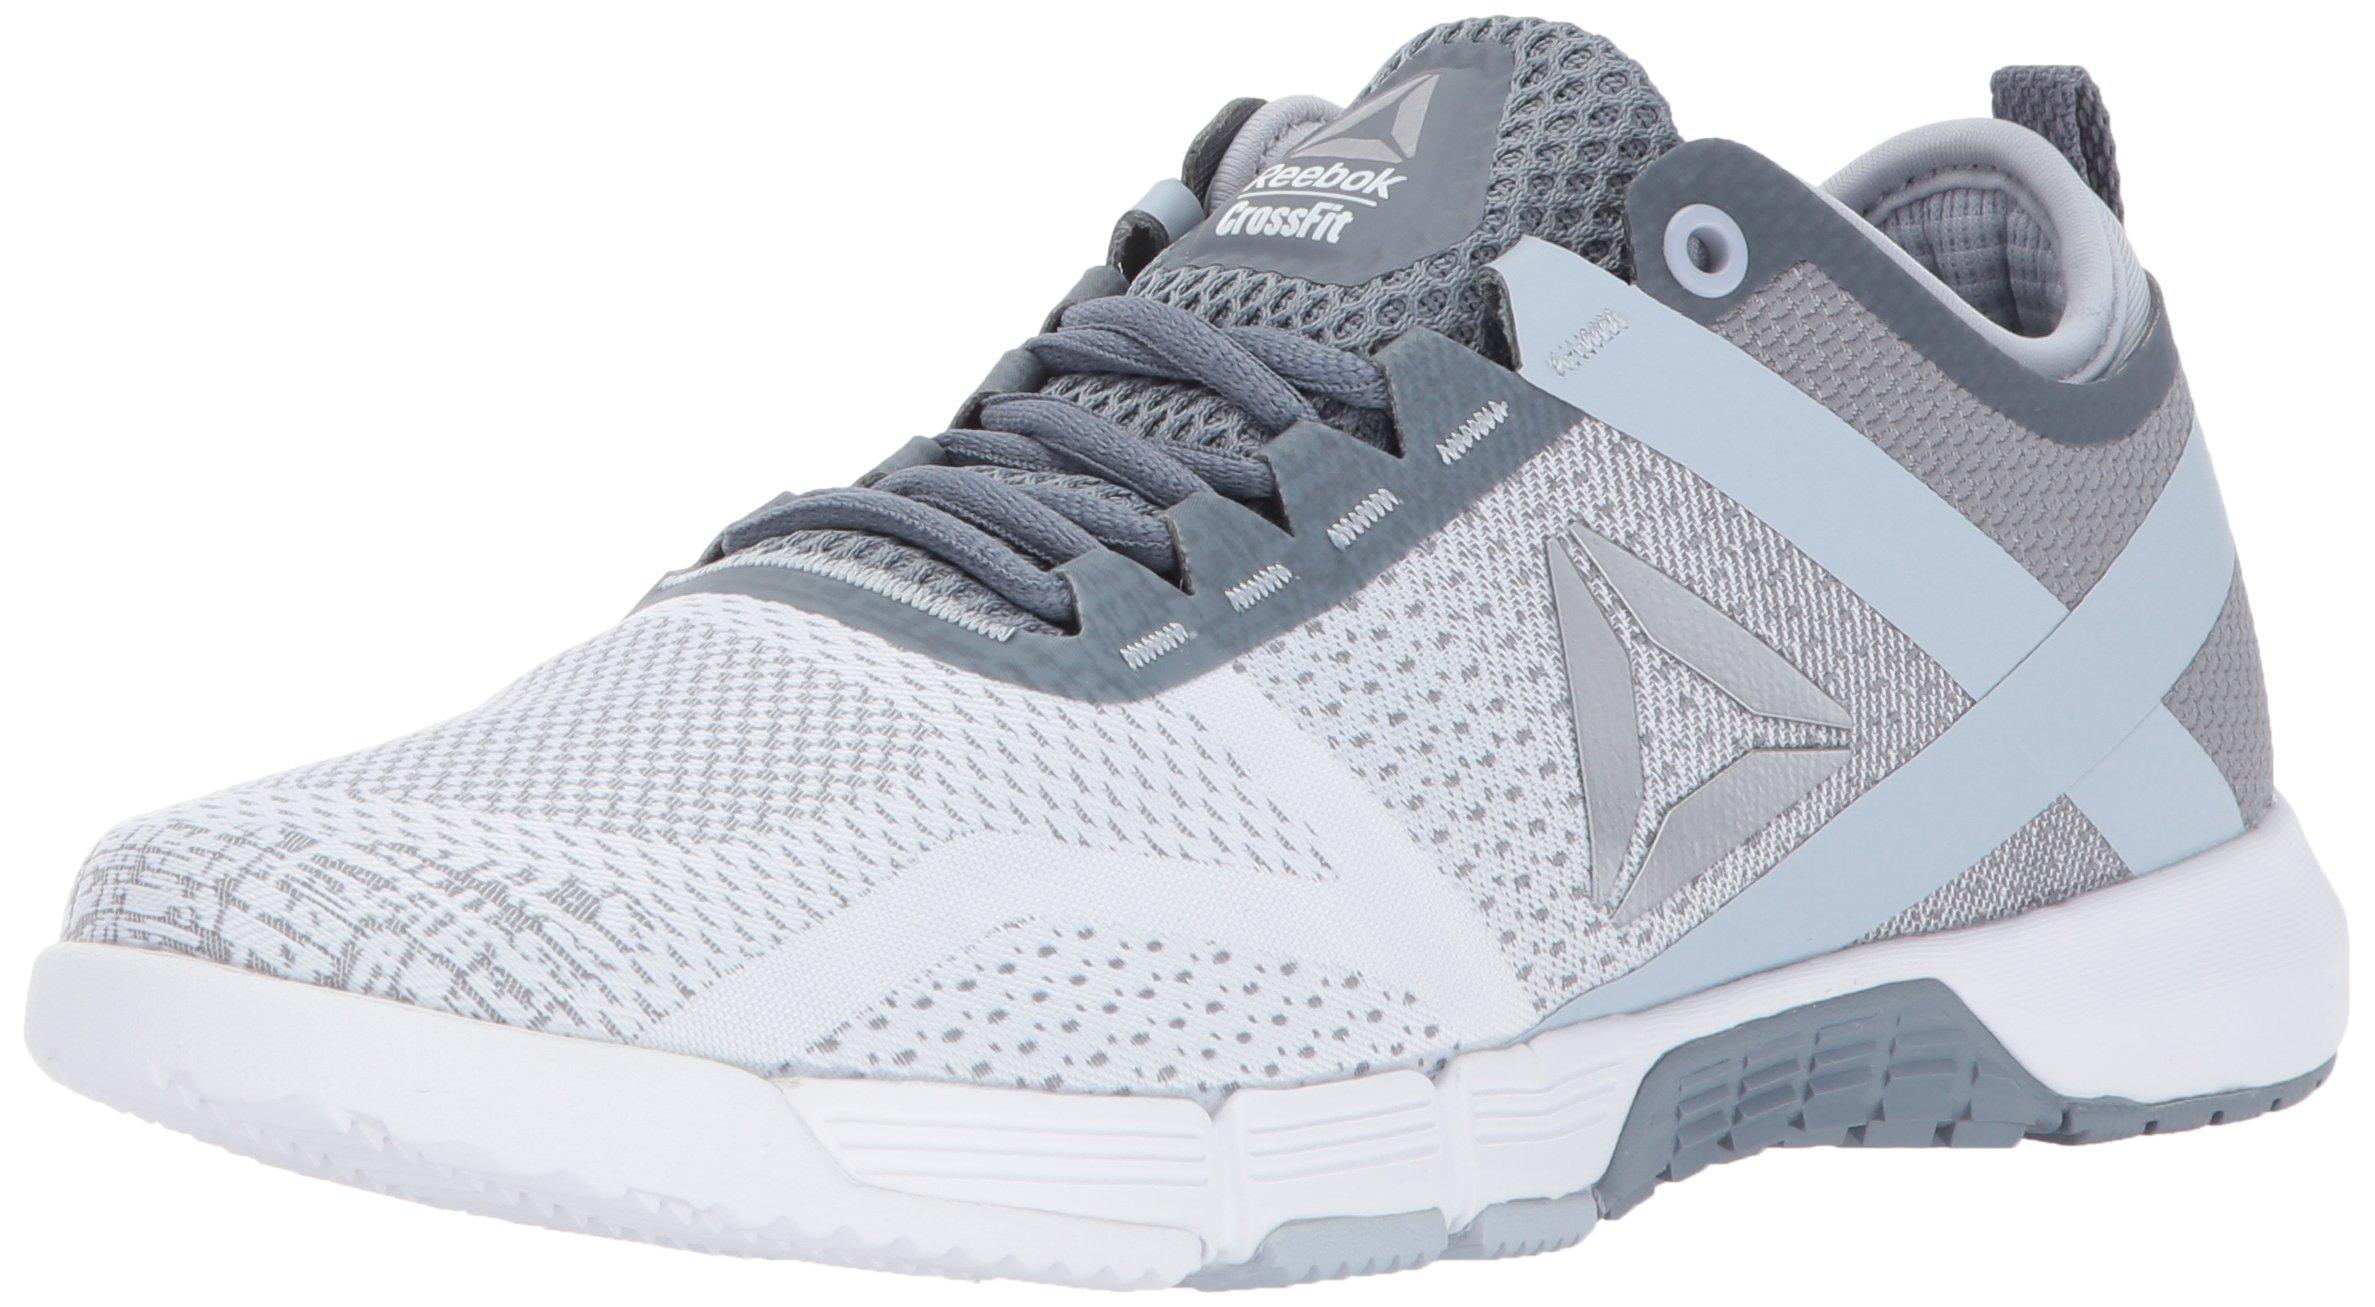 Reebok Women's Crossfit Grace TR Track Shoe, Asteroid Dust/White/Cloud Grey/Silver, 7.5 M US